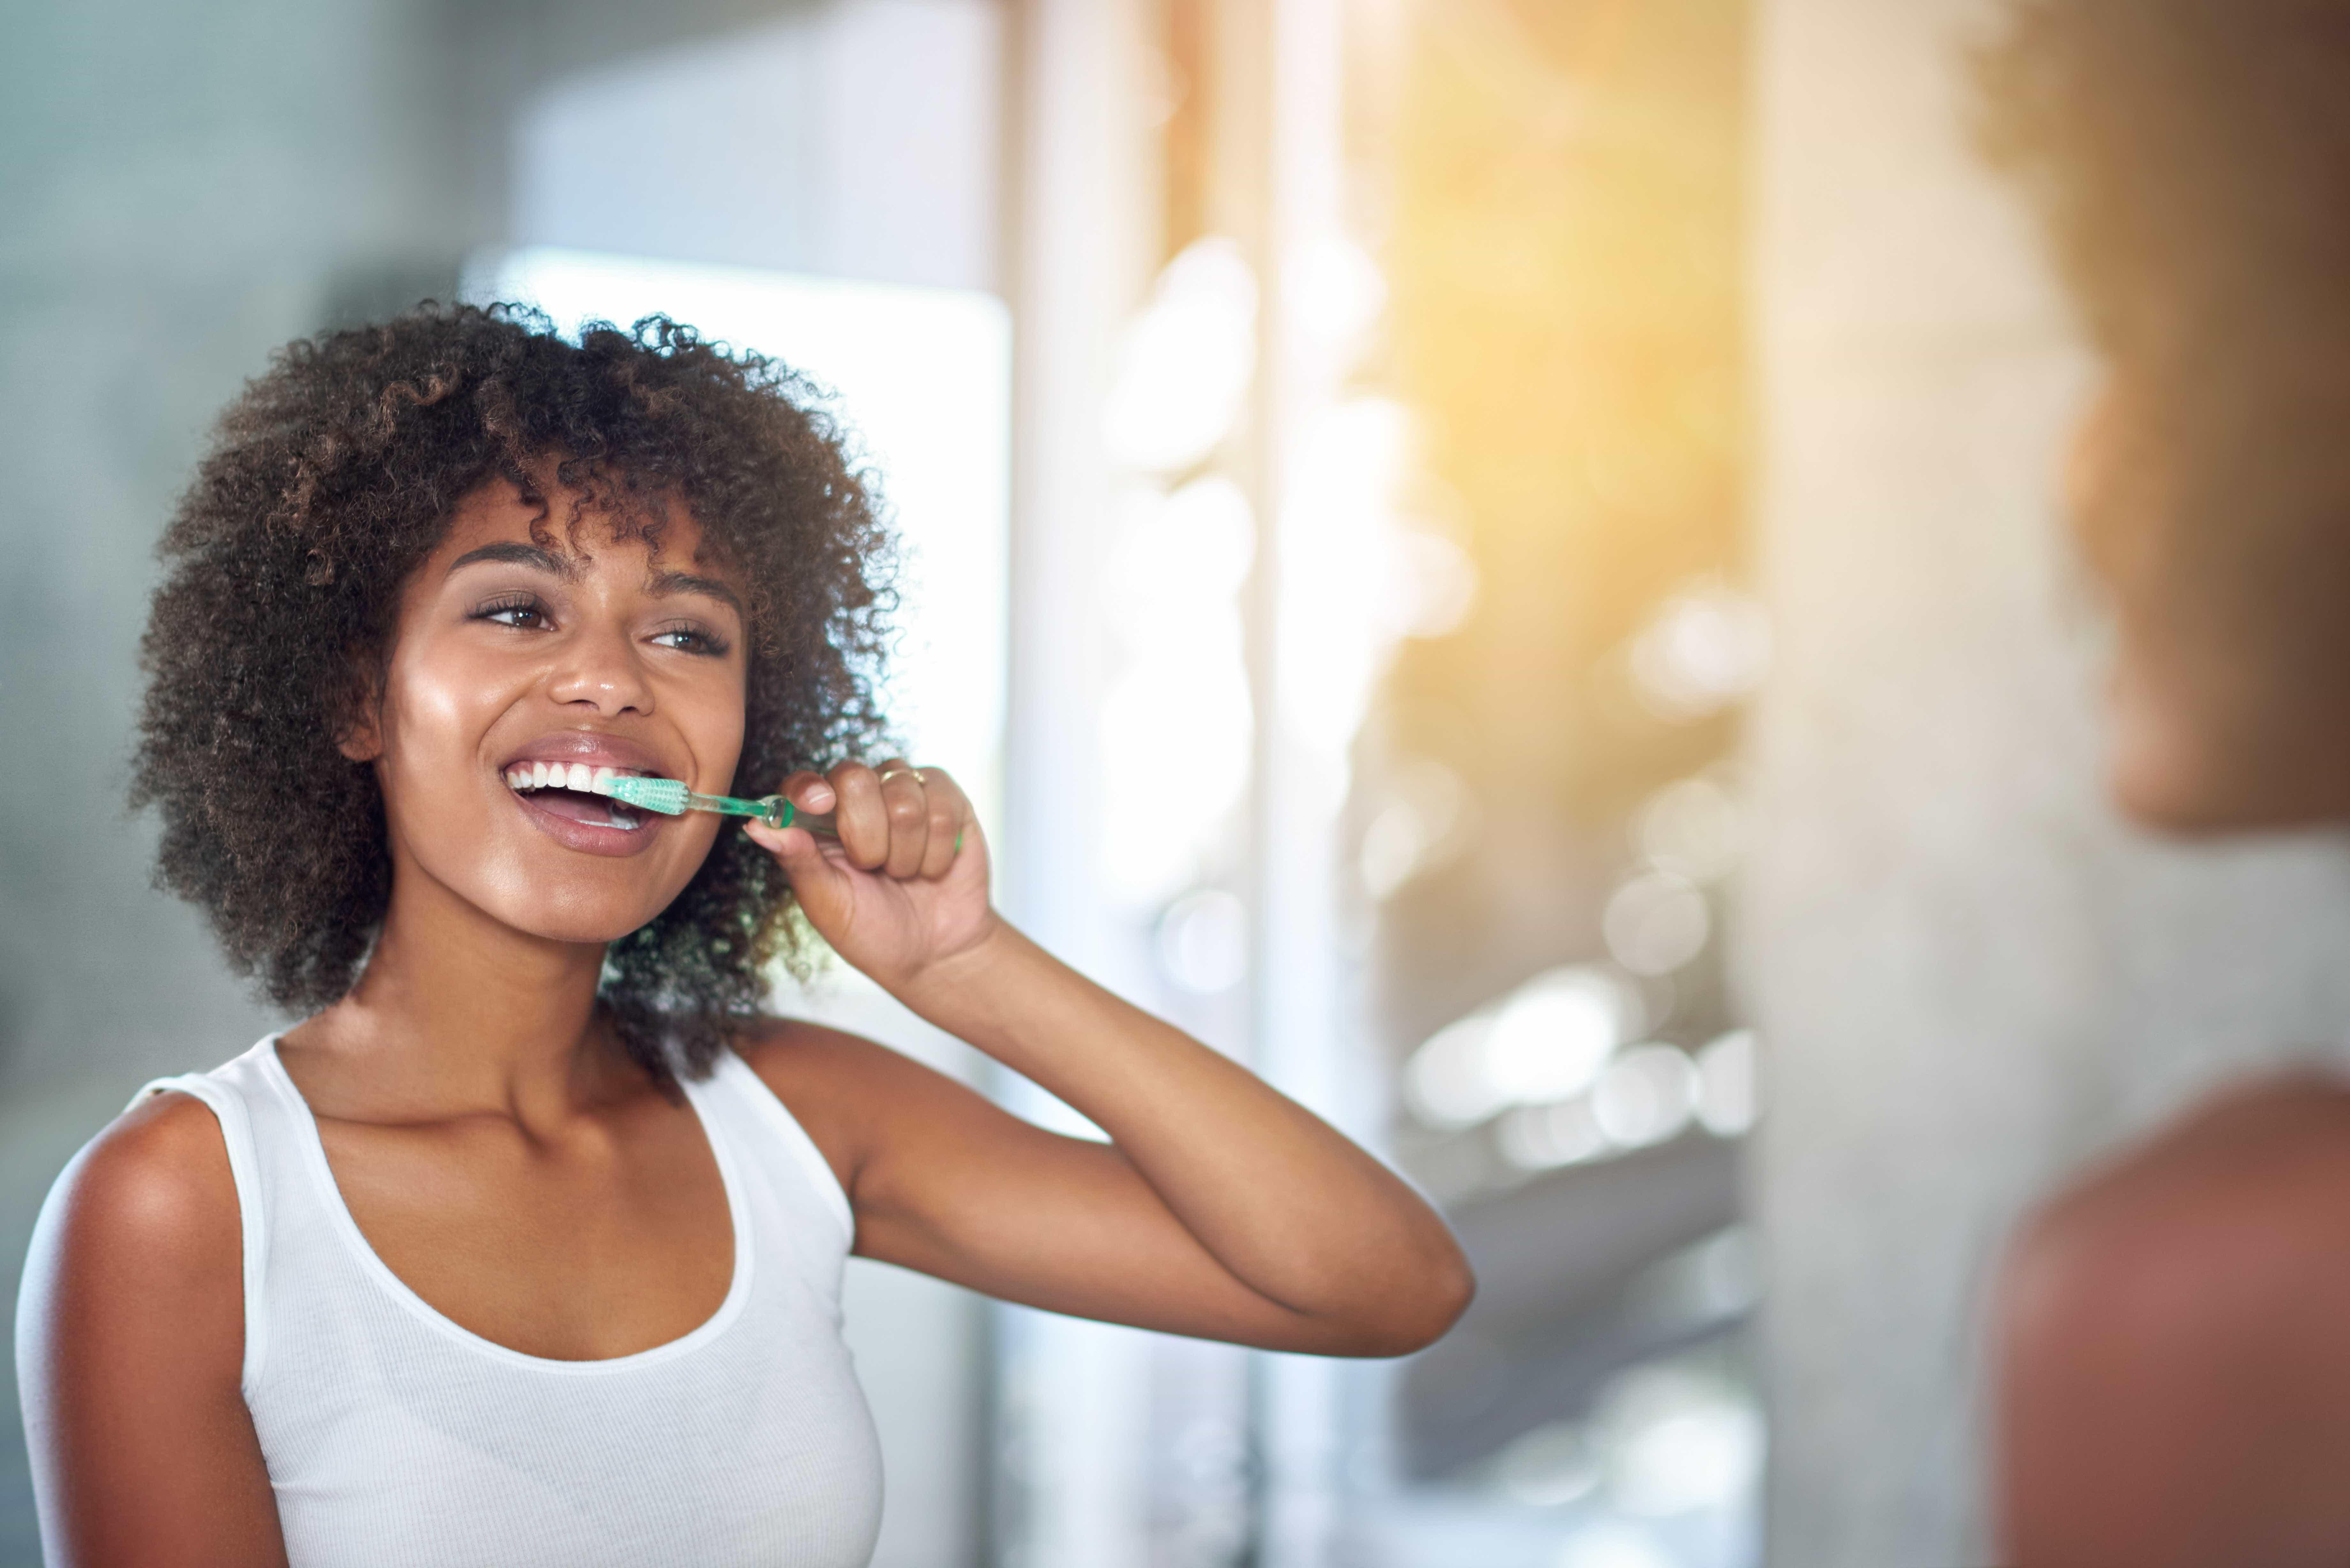 5 erros comuns que prejudicam os dentes